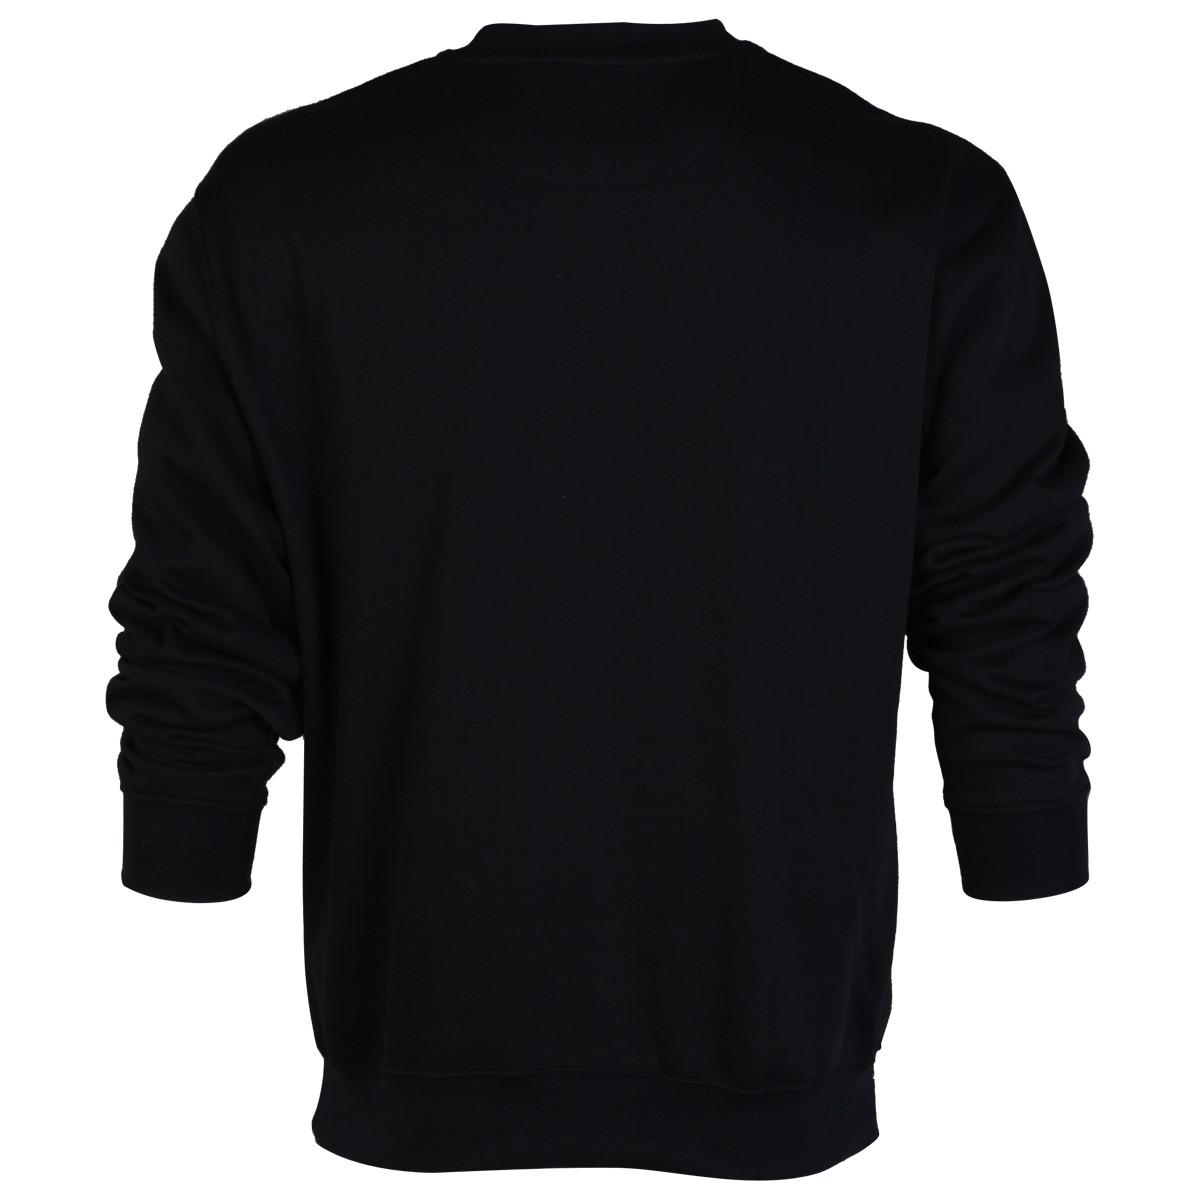 crew neck sweatshirt template vector